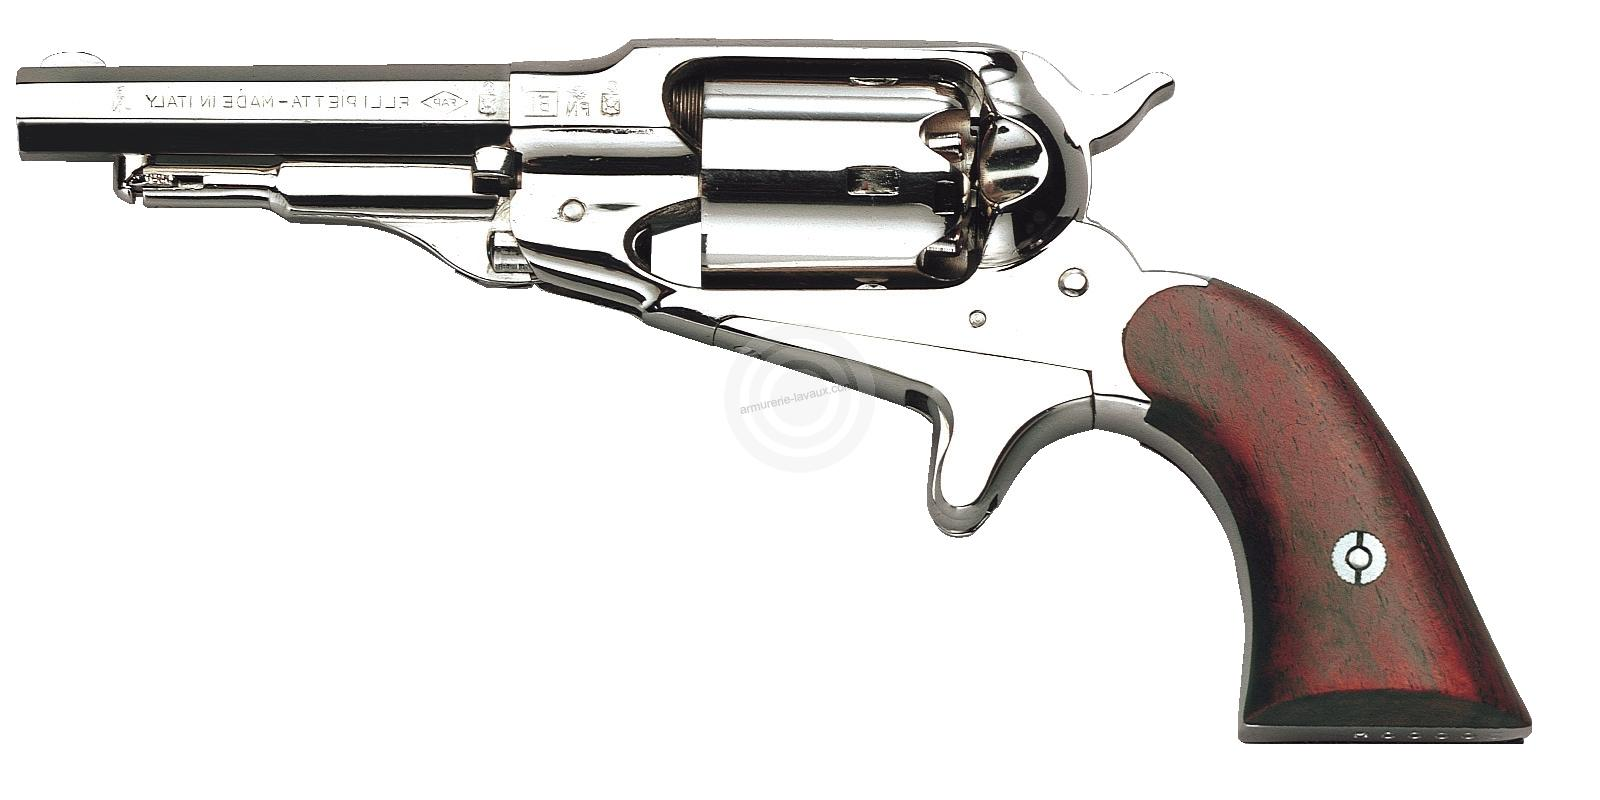 Revolver à Poudre Noire Pietta REMINGTON 1863 Pocket Laiton Nickelé Cal.31